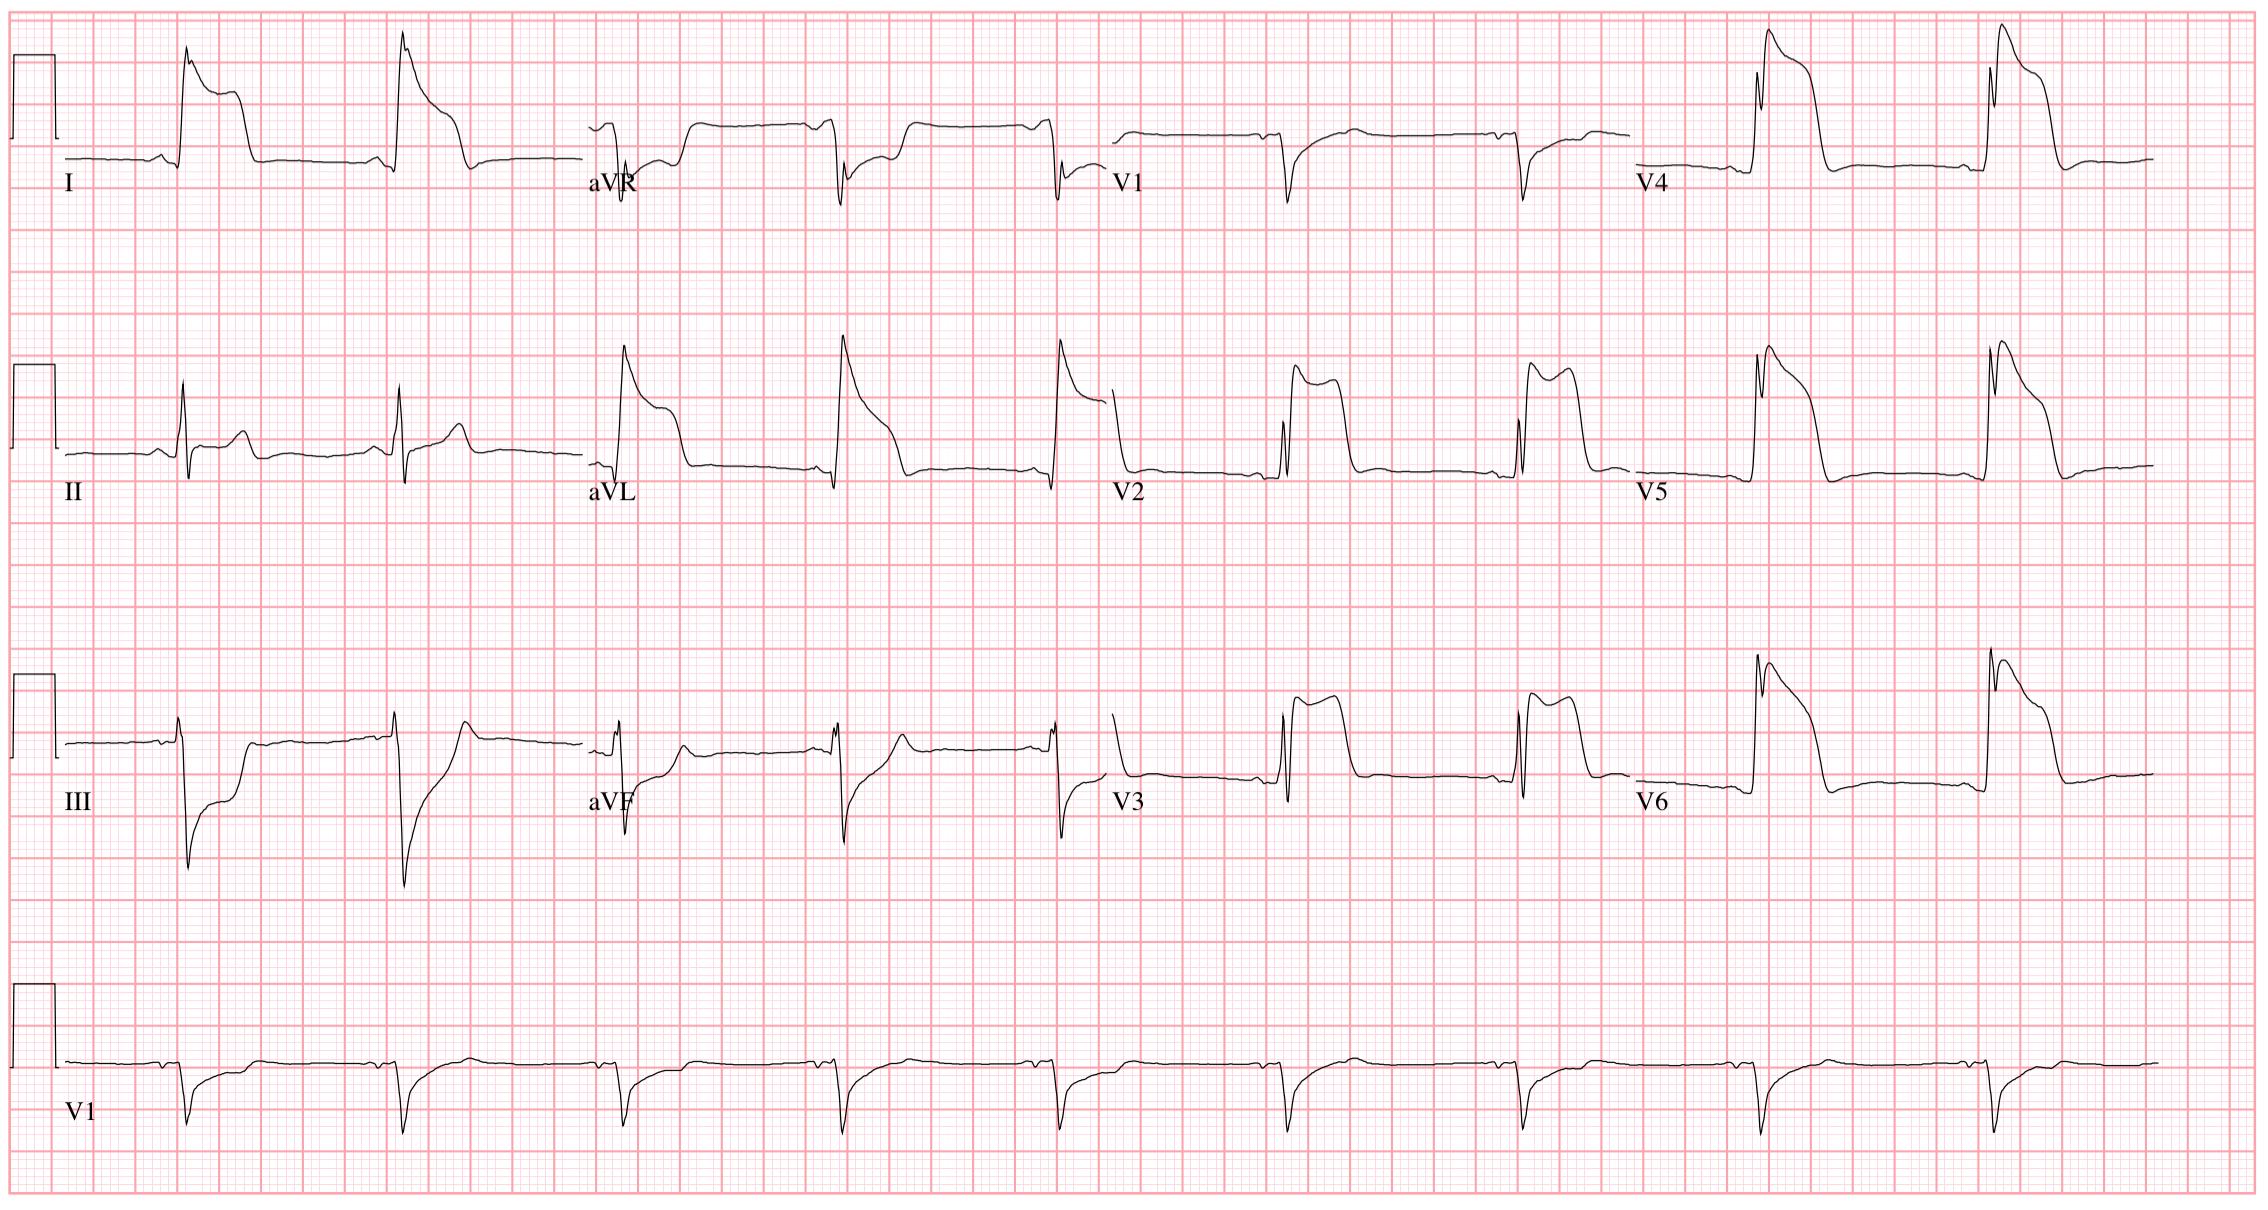 EKG a magas vérnyomás következtetésére mágnesek magas vérnyomás kezelésére